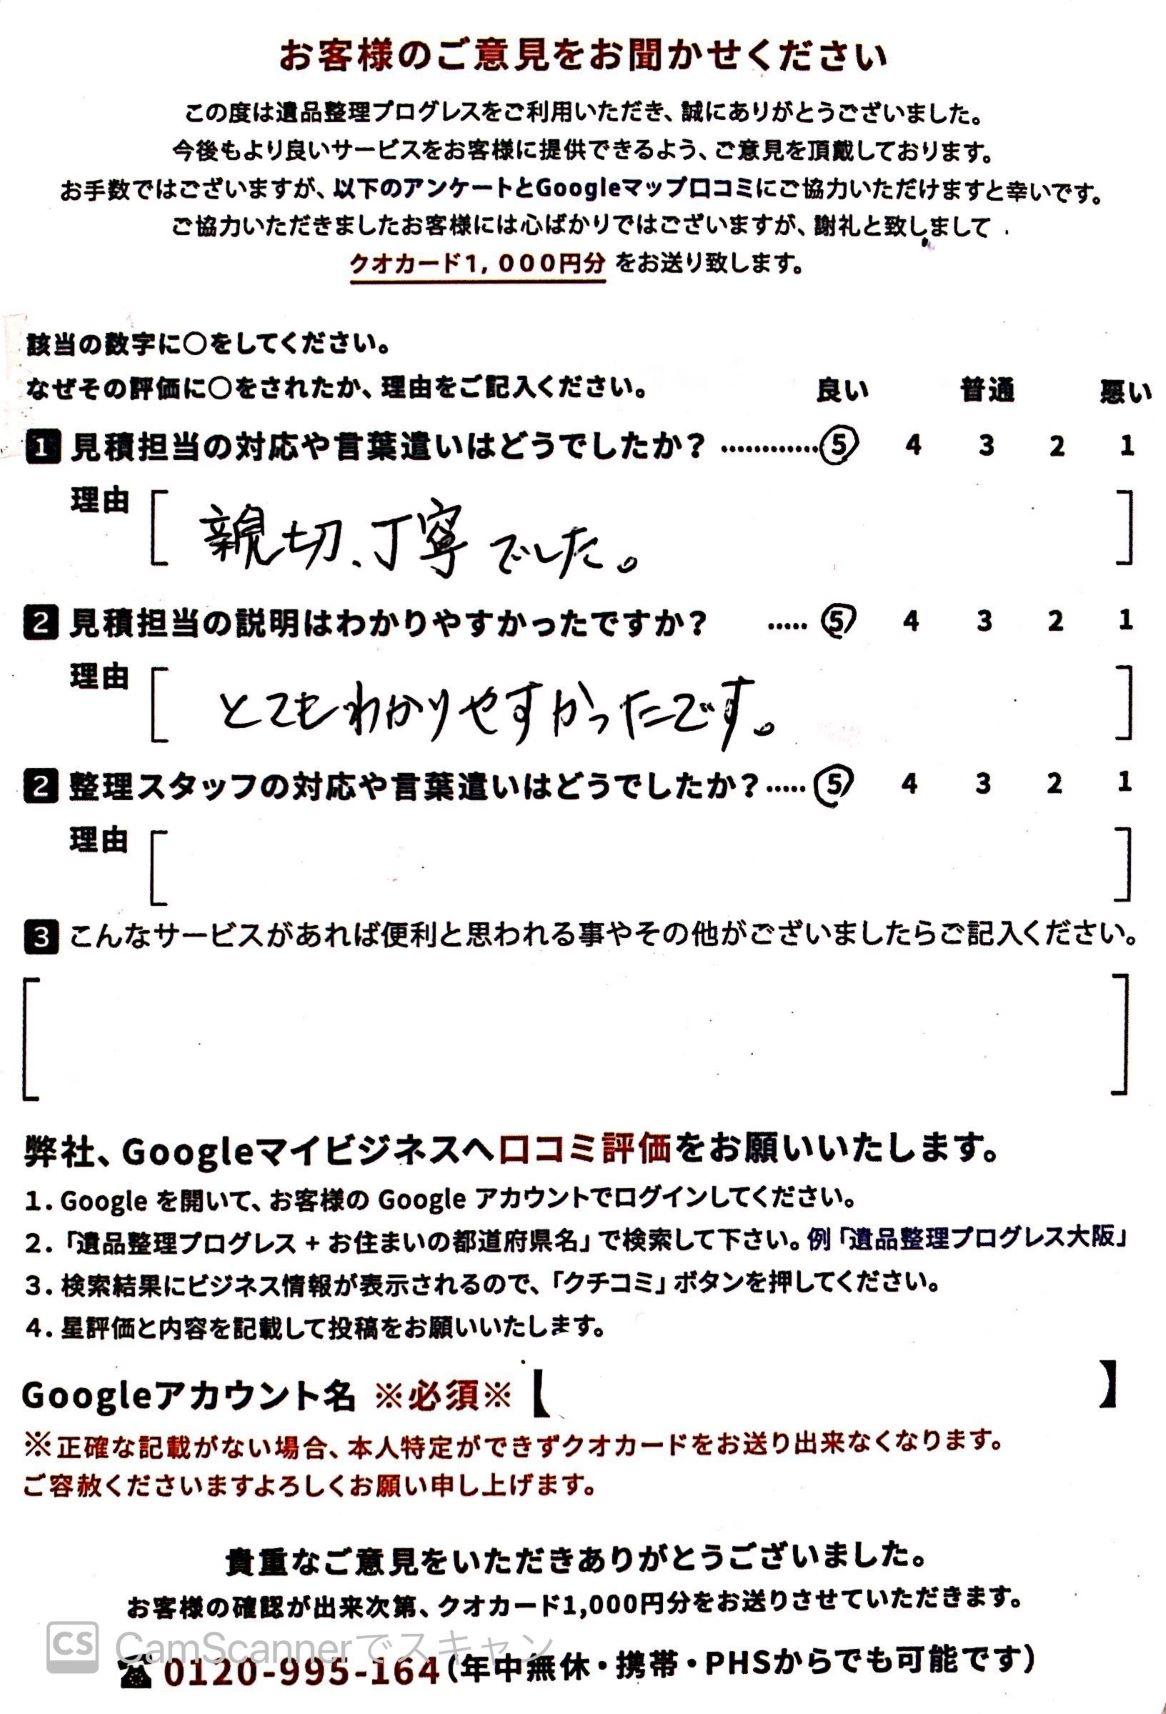 兵庫県神戸市北区 Y・T様のアンケート用紙